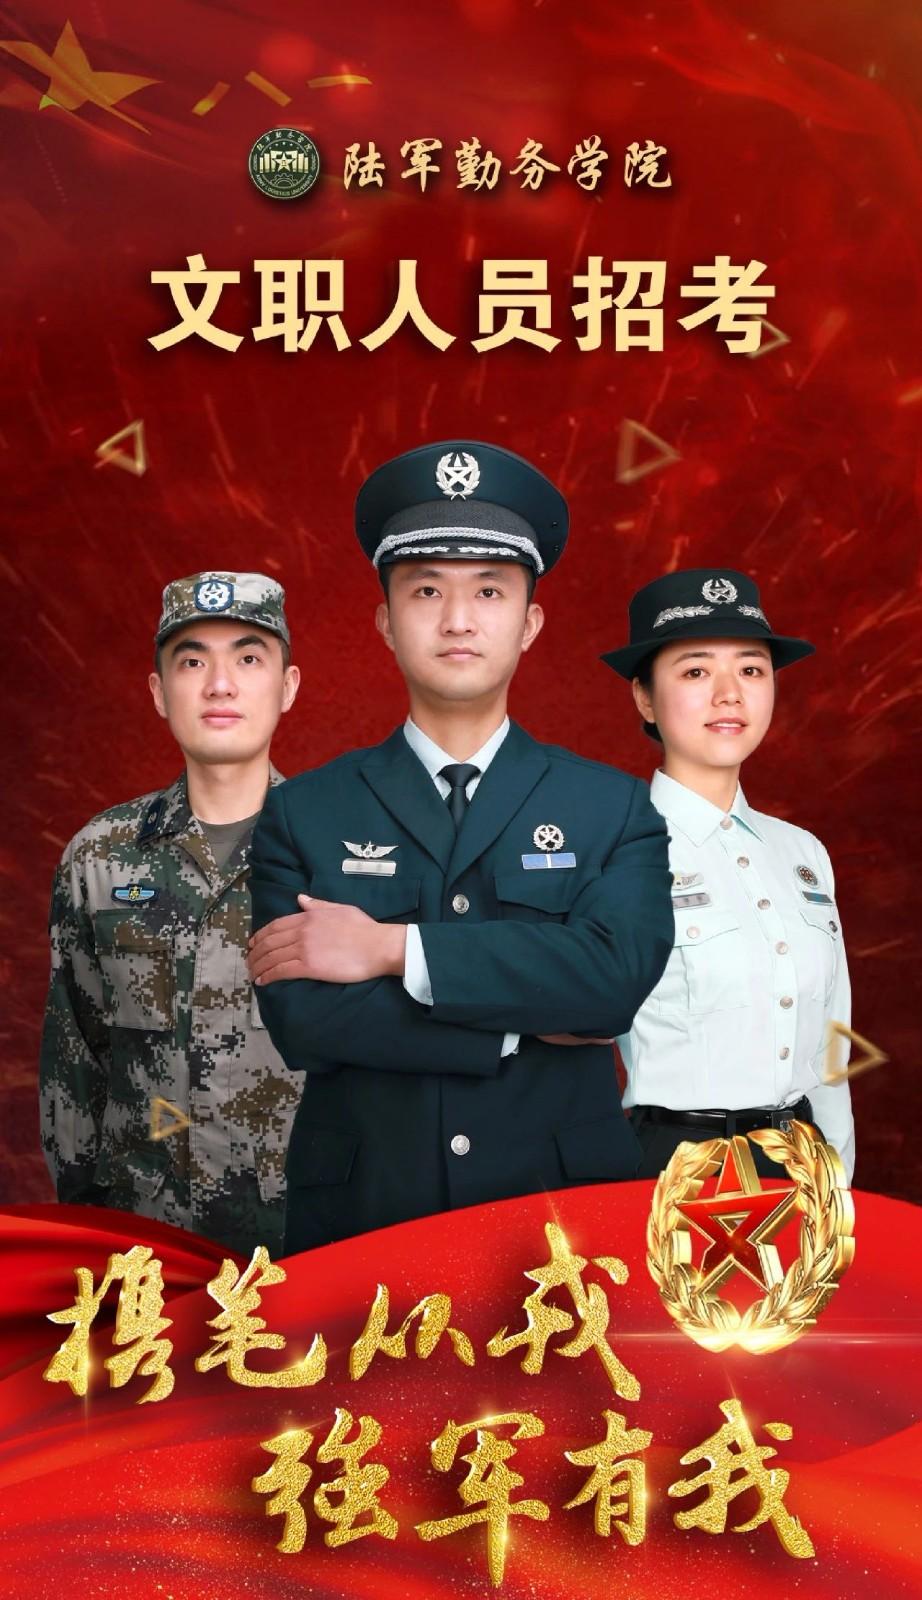 2020年陸軍勤務學院文職人員招考公告